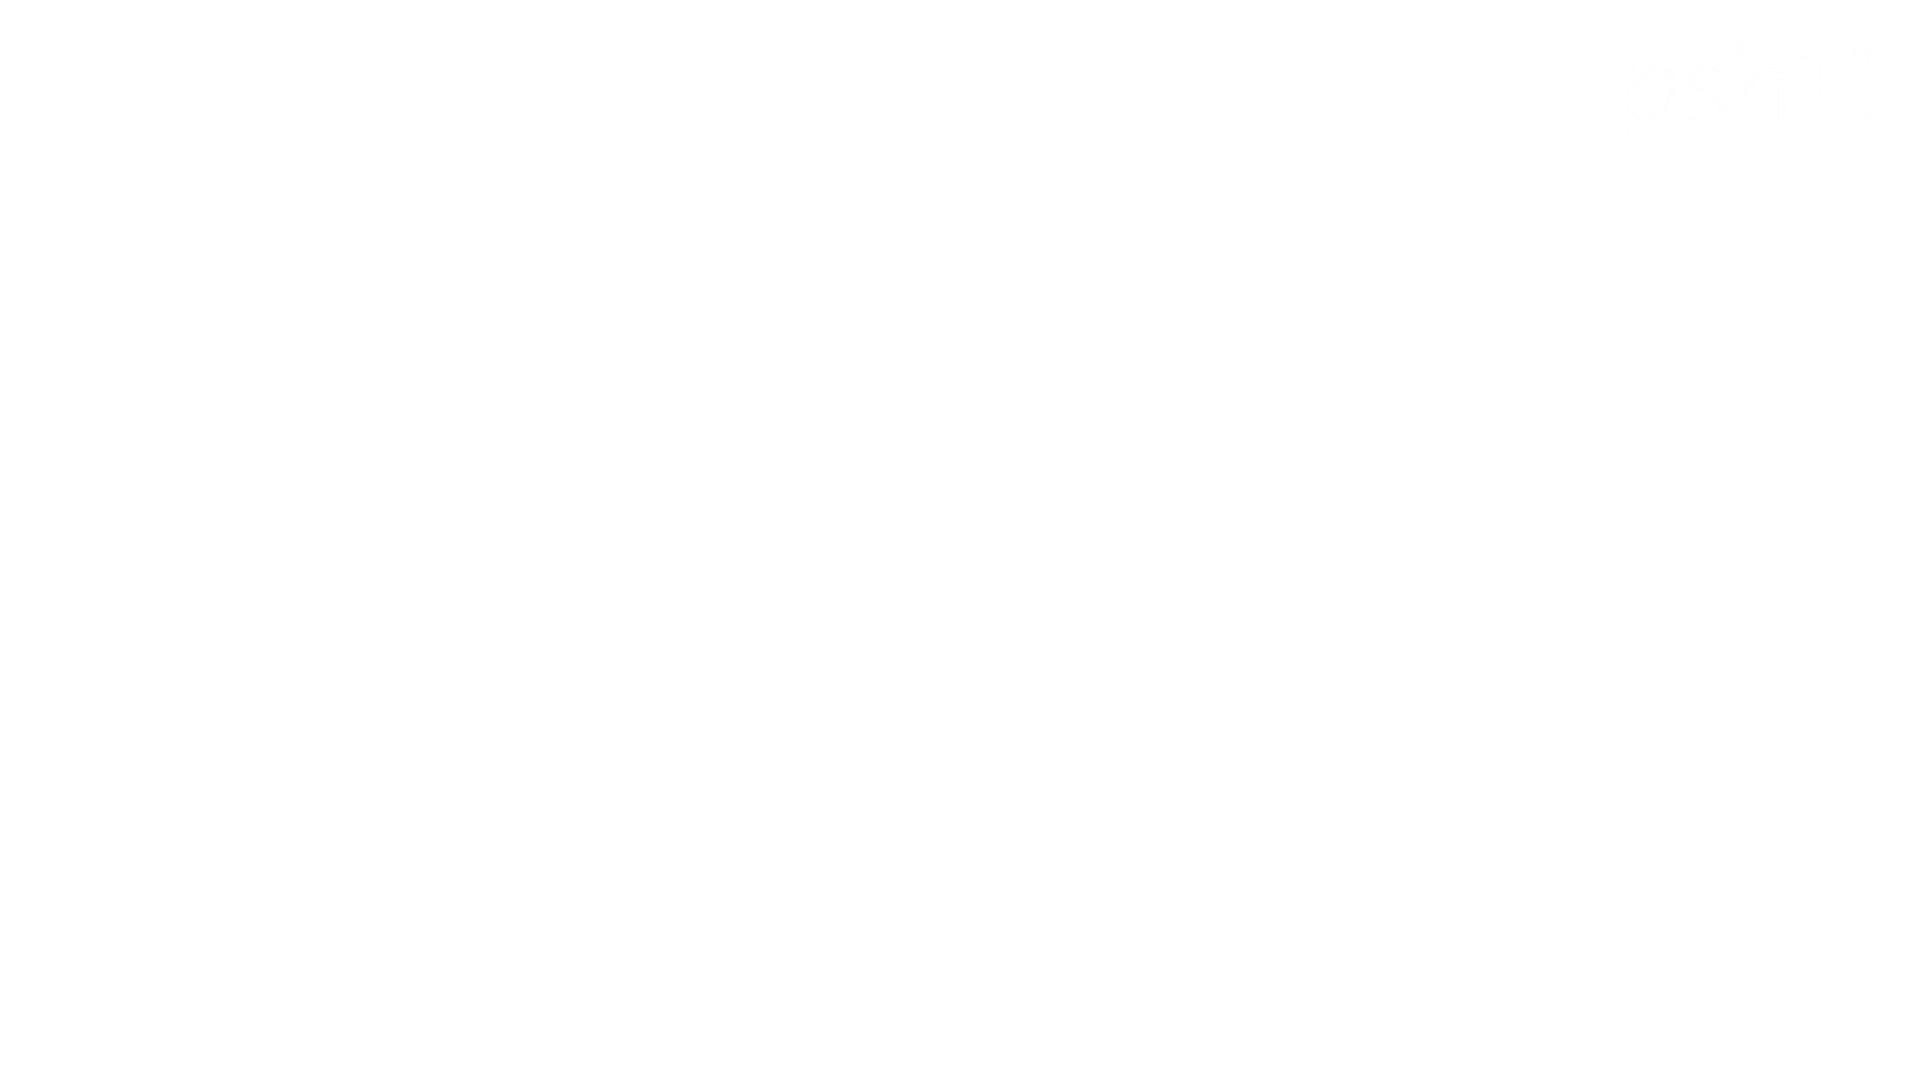 ▲復活限定▲ハイビジョン 盗神伝 Vol.11 ギャル攻め | 洗面所  103画像 22